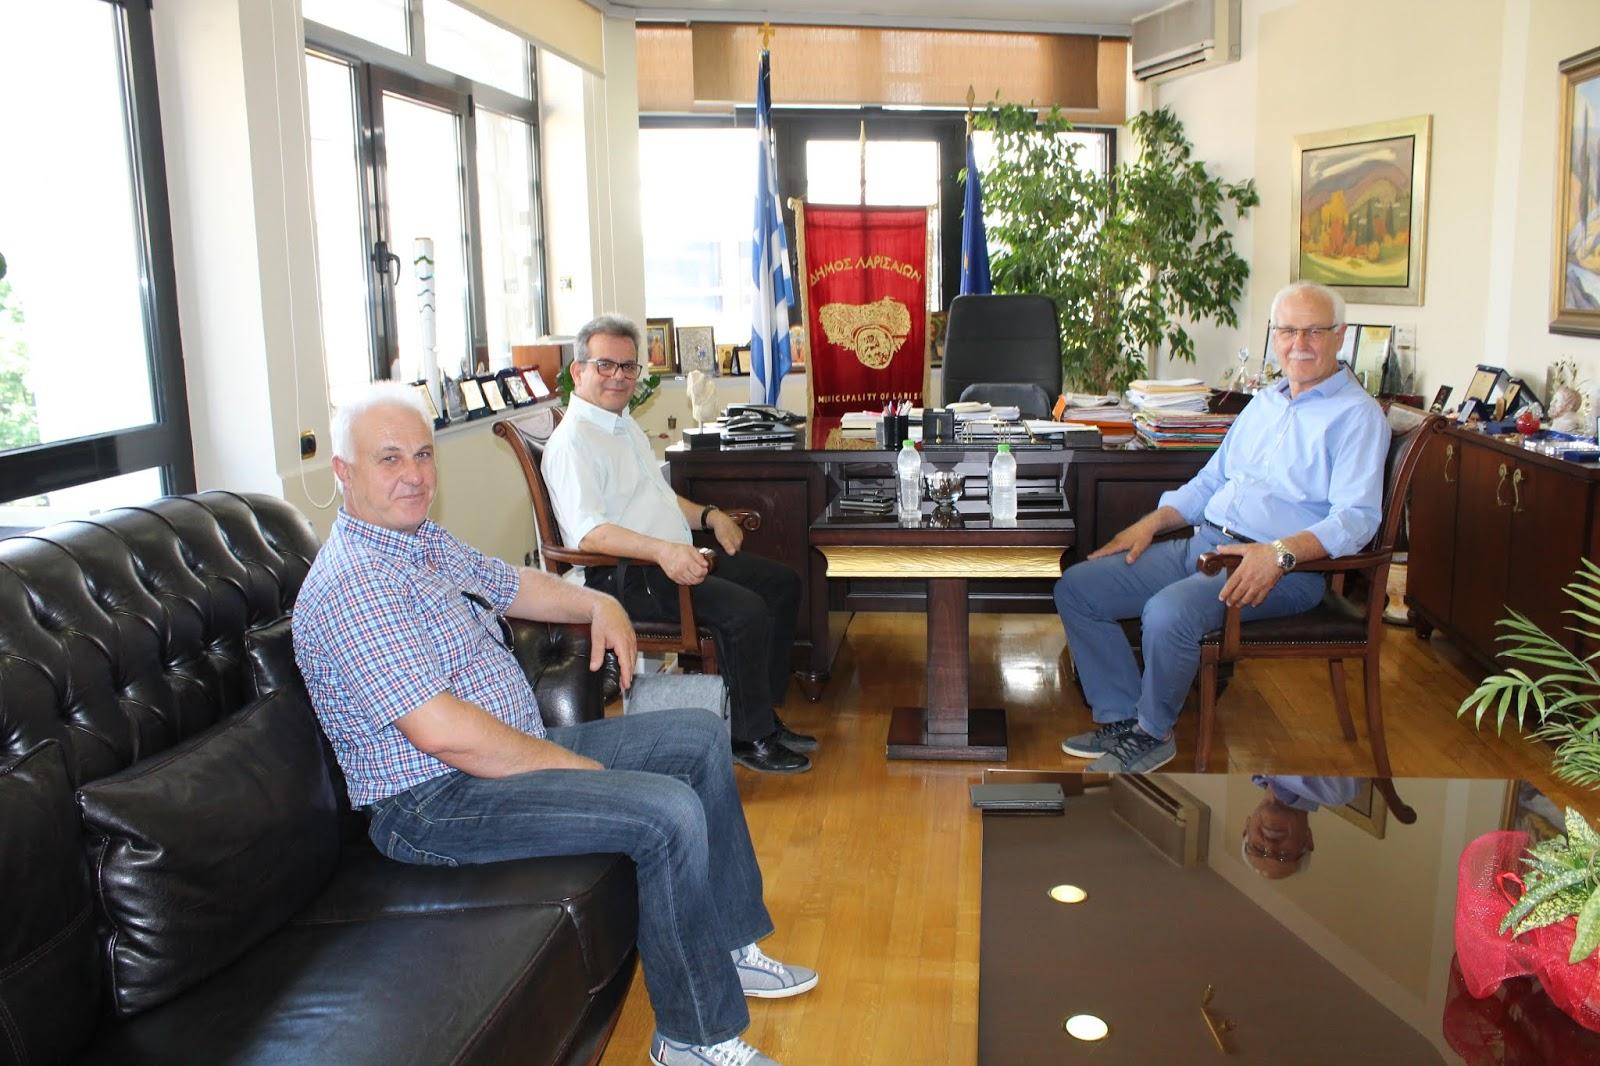 Στο Δημαρχείο της Λάρισας ο γ.γ. Αθλητισμού Ιουλιος Συναδινός